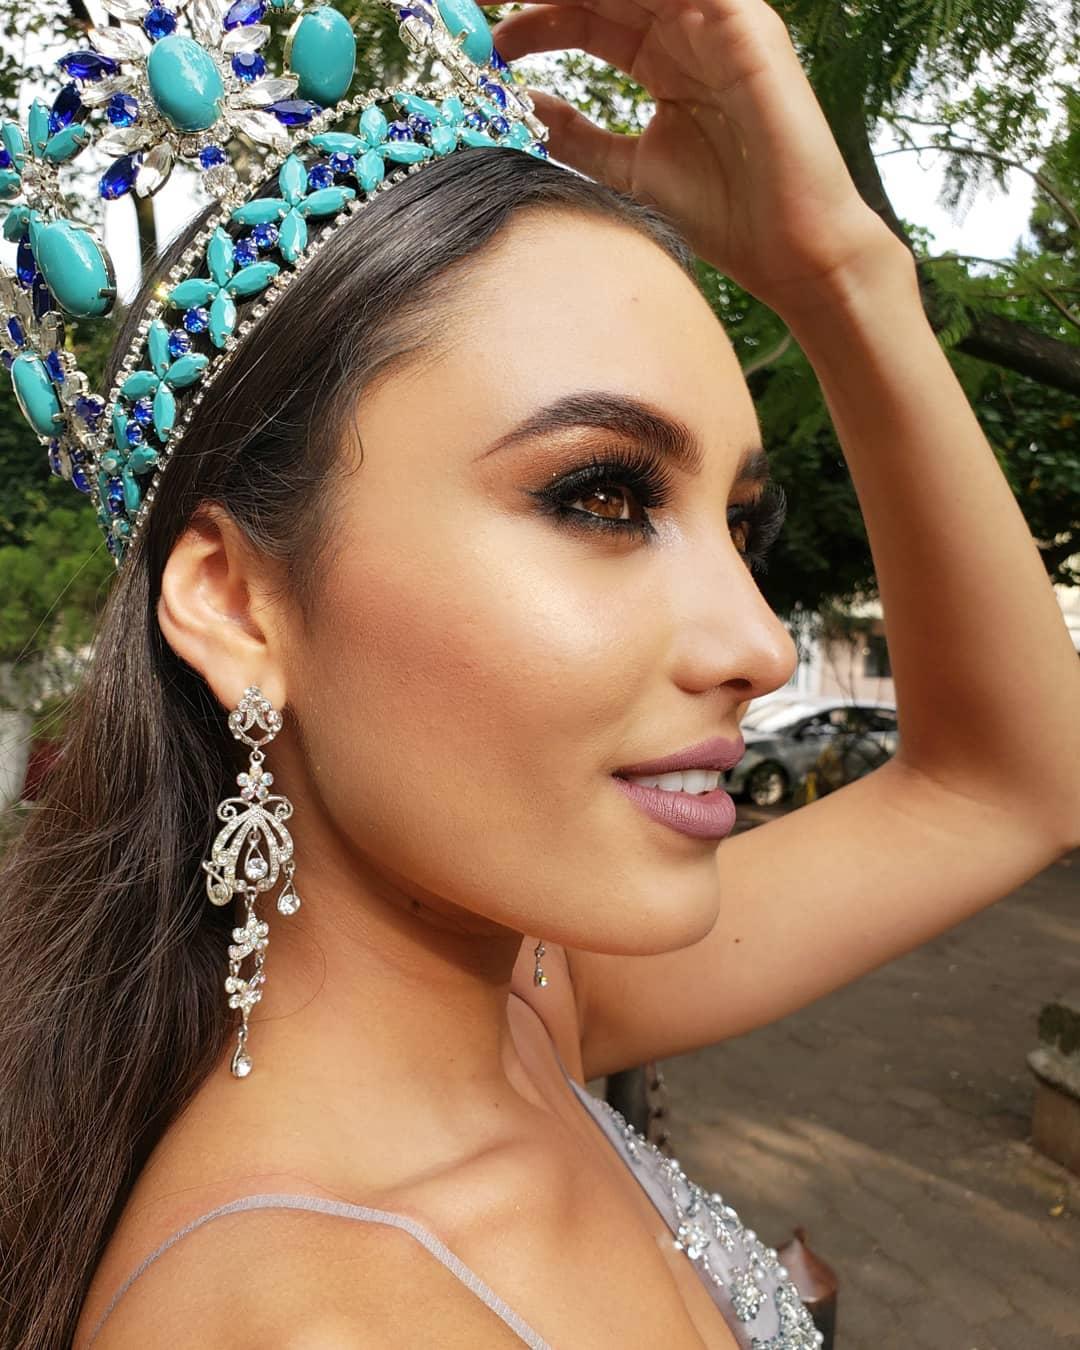 karolina vidales, candidata a miss mexico (mundo) 2020, representando michoacan. - Página 7 71071310